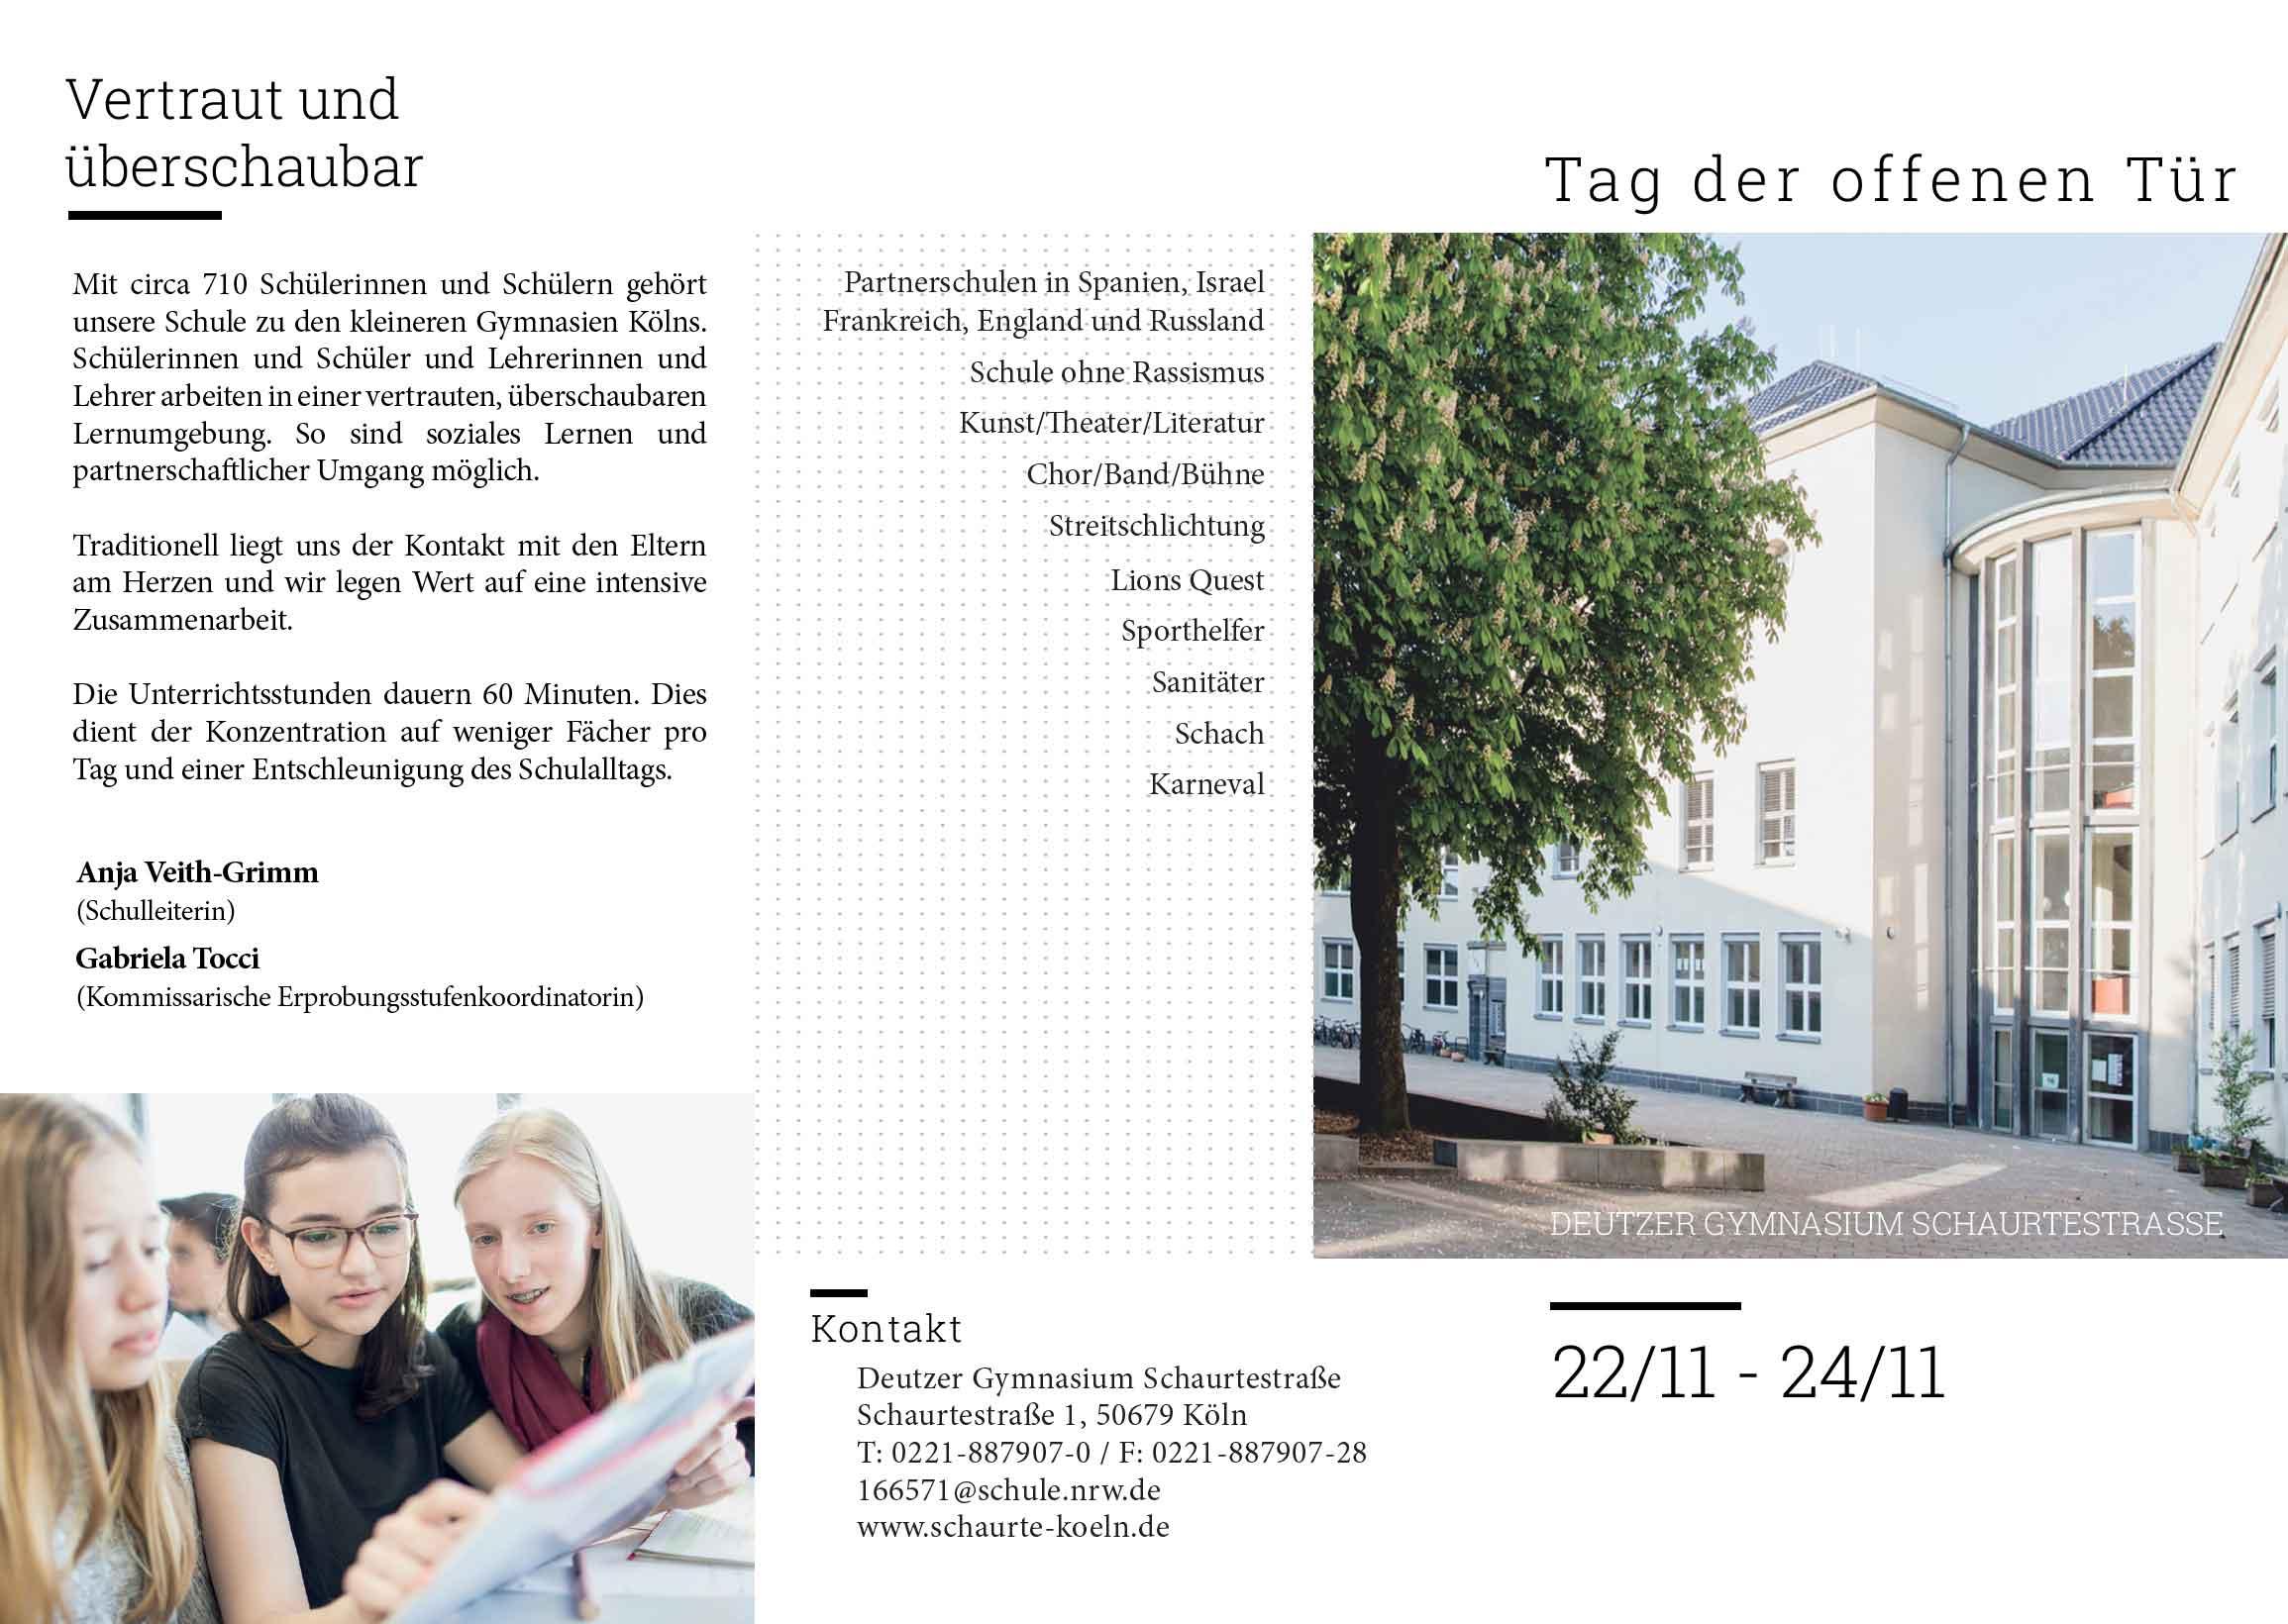 Flyer-TdoT-Foto-Web